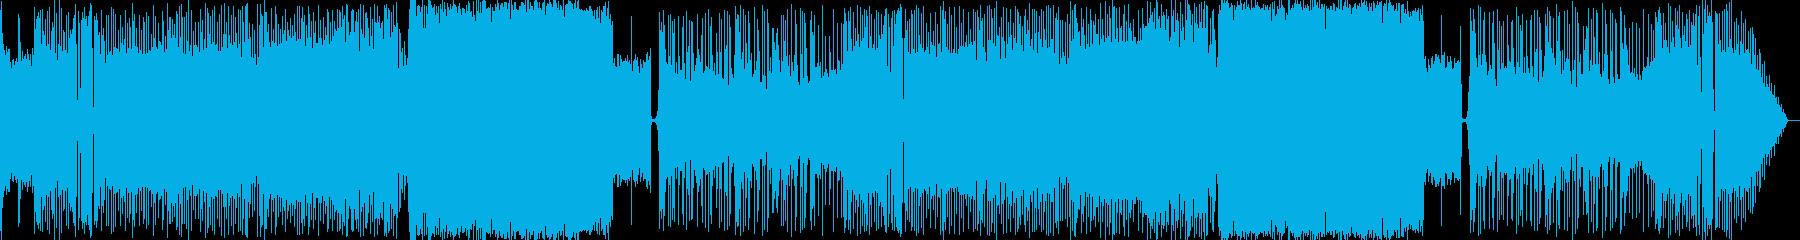 ボス戦に使えそうなロック調の曲です。の再生済みの波形